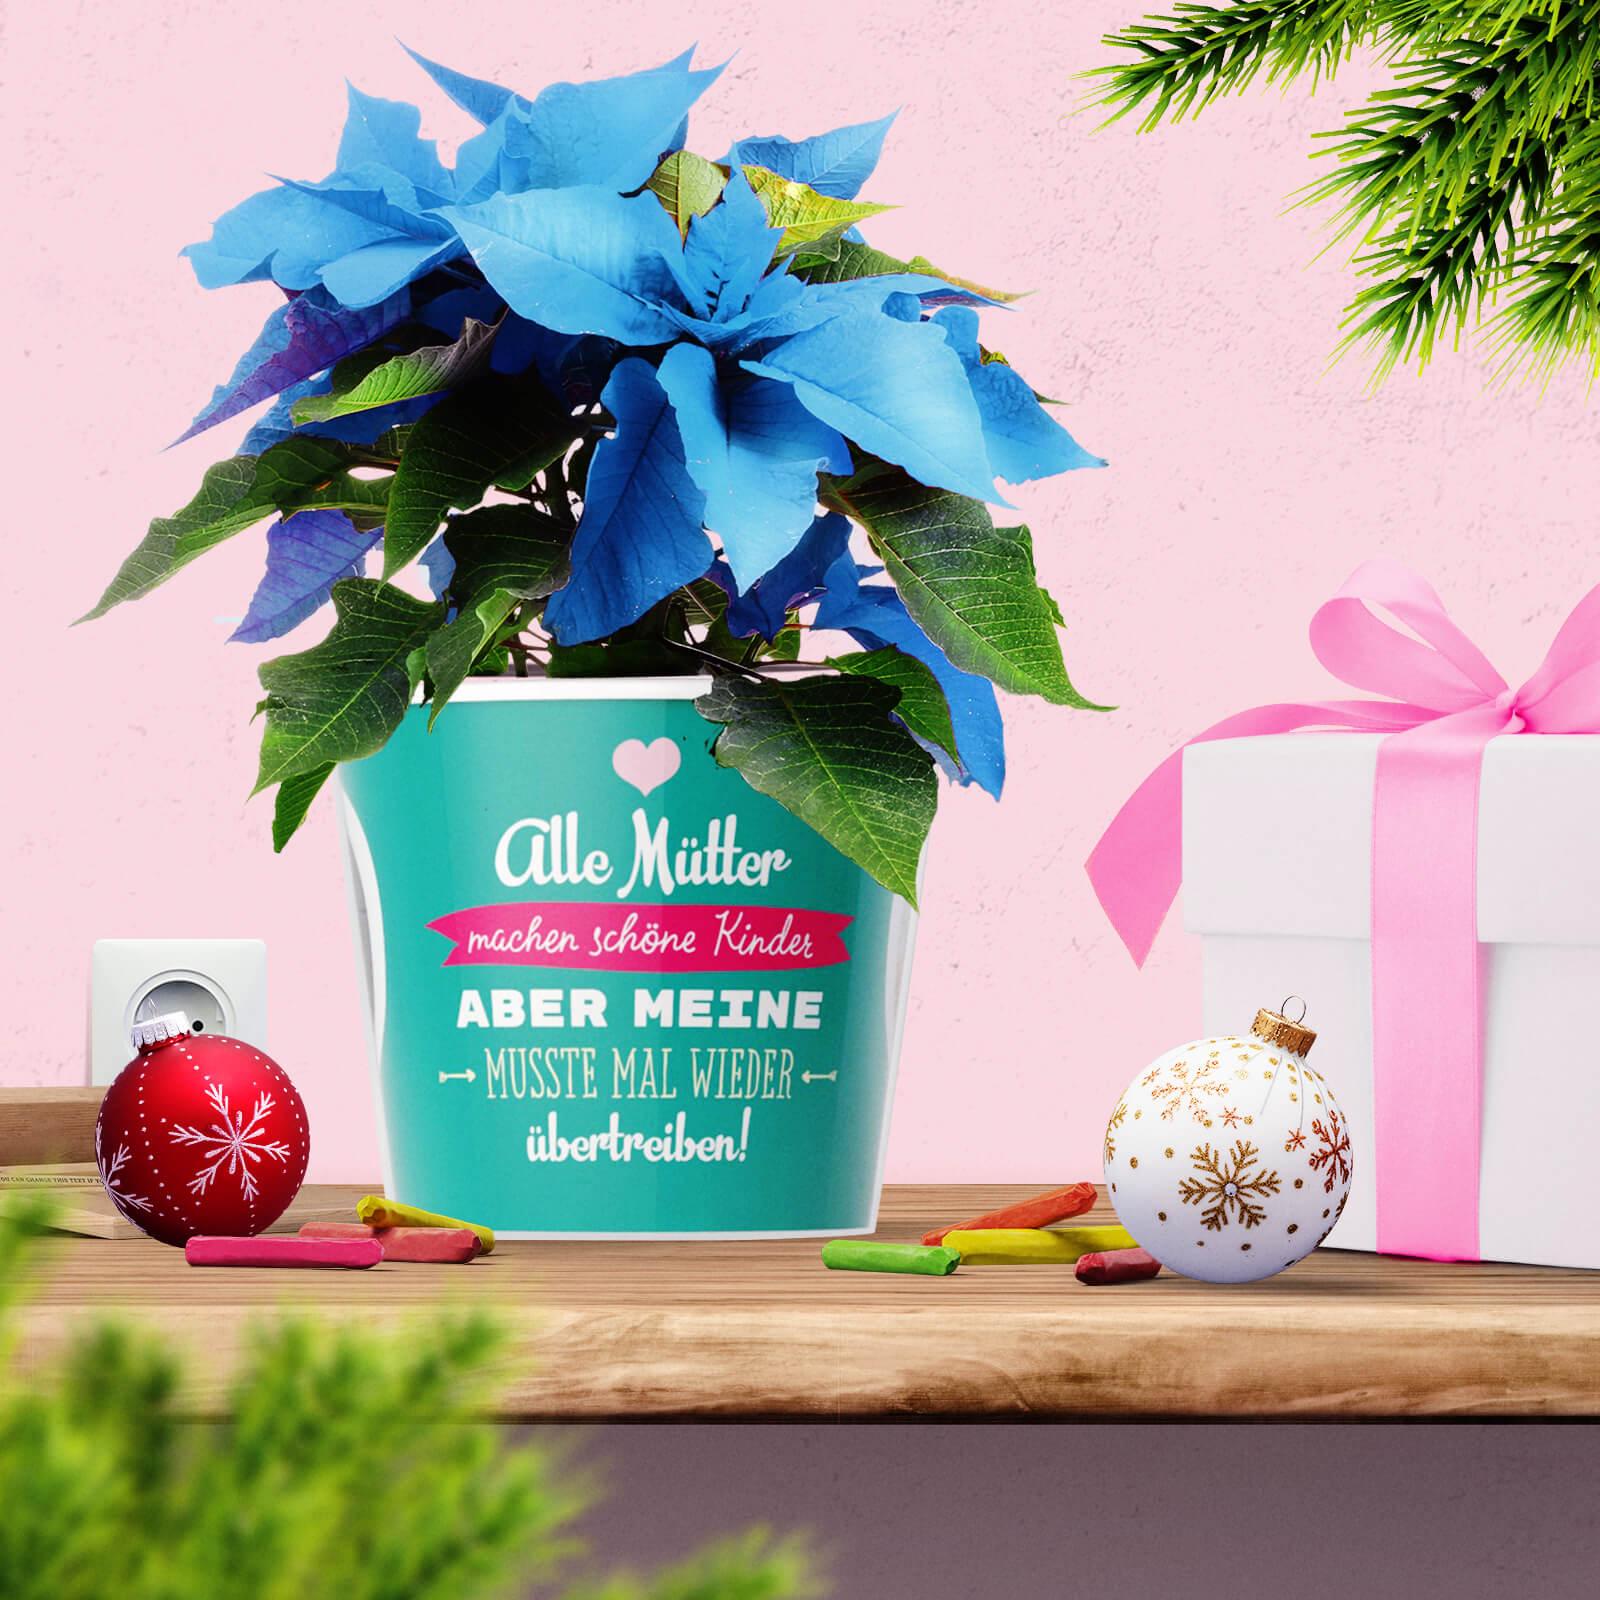 Lustige Idee für Weihnachtsgeschenke Alle Mütter